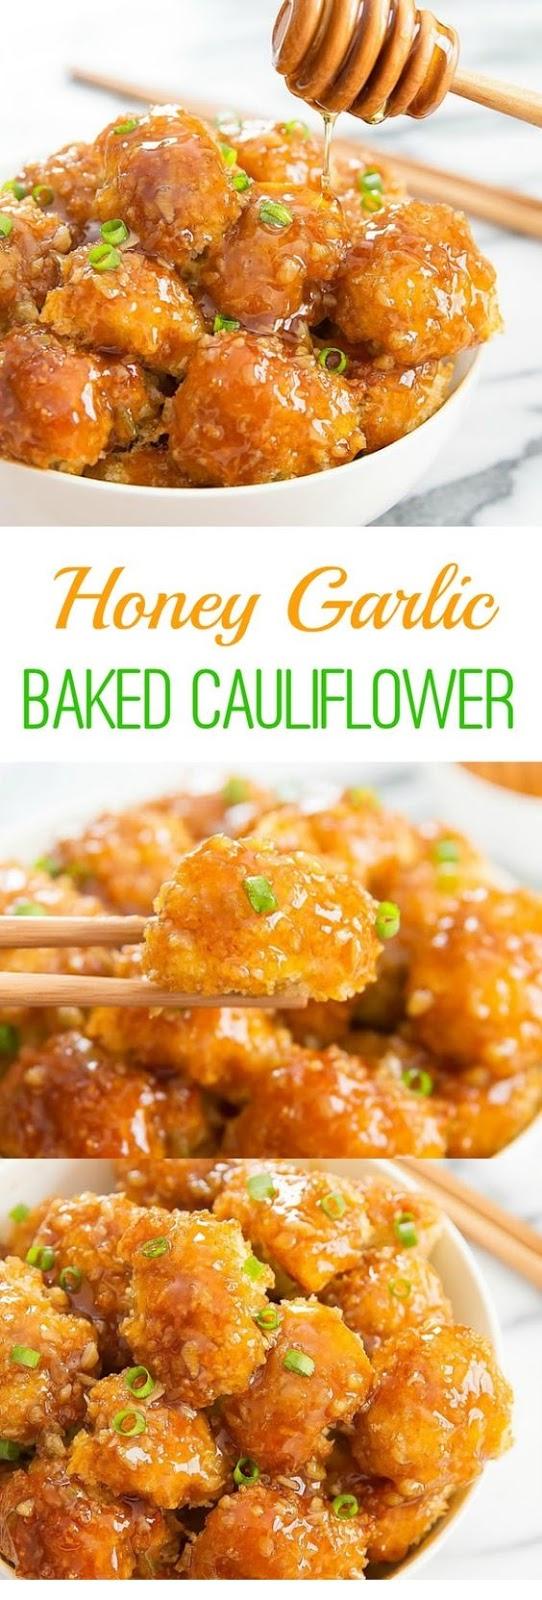 Honey Garlic Baked Cauliflower